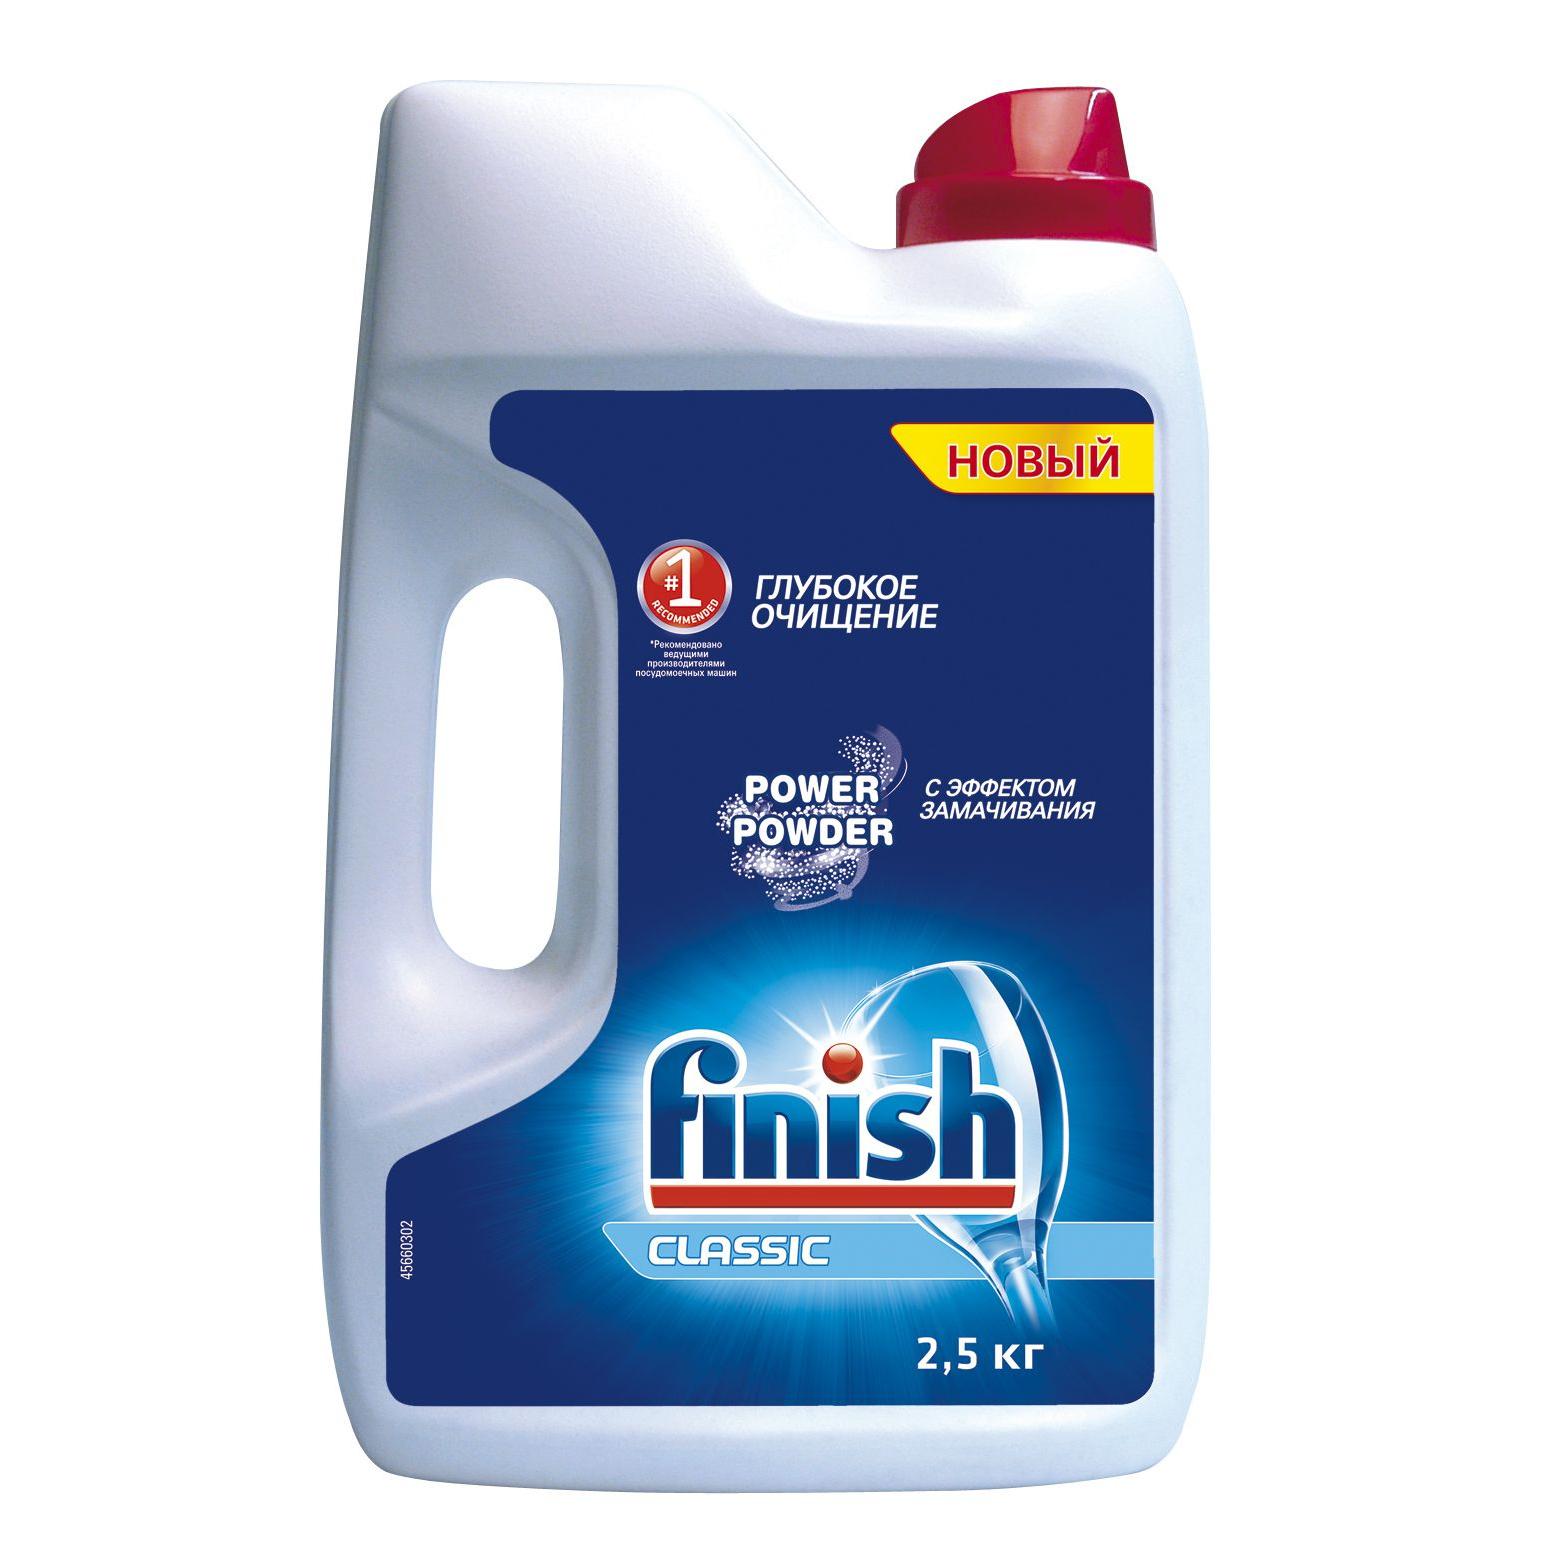 Порошок для посудомоечной машины Finish 2.5 кг